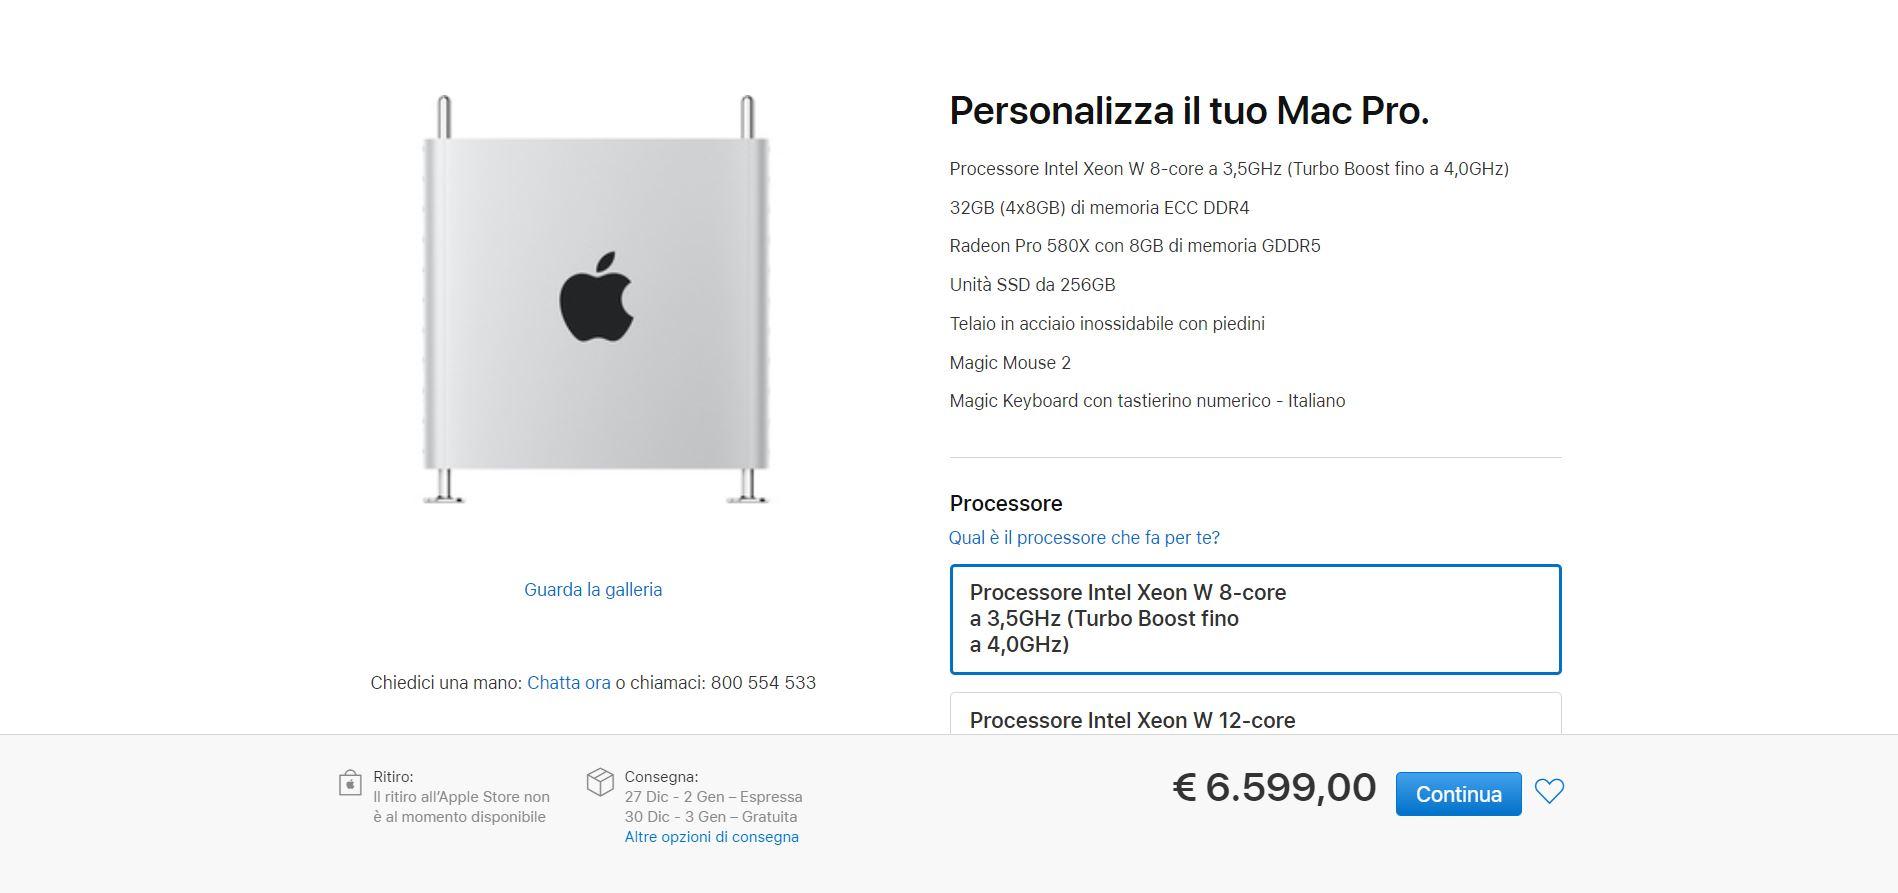 Mac Pro 2019: configurazioni e prezzi disponibili in Italia 1